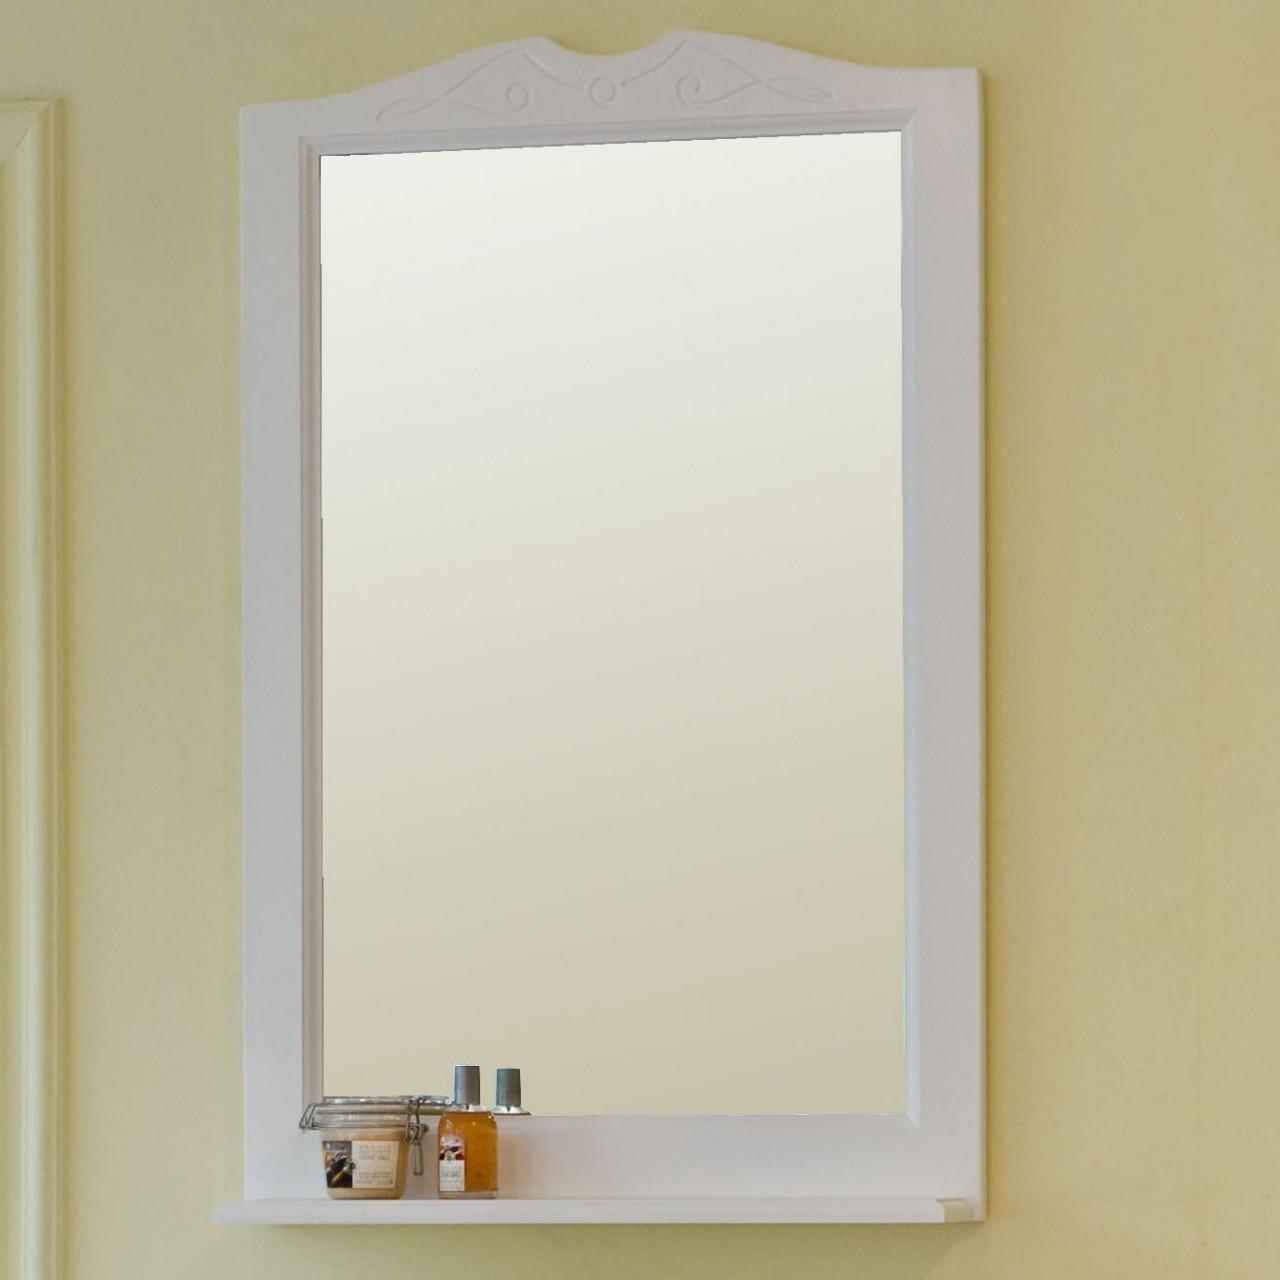 Зеркало Аллигатор Милана 1 65 купить в Москве по цене от 5750р. в интернет-магазине mebel-v-vannu.ru